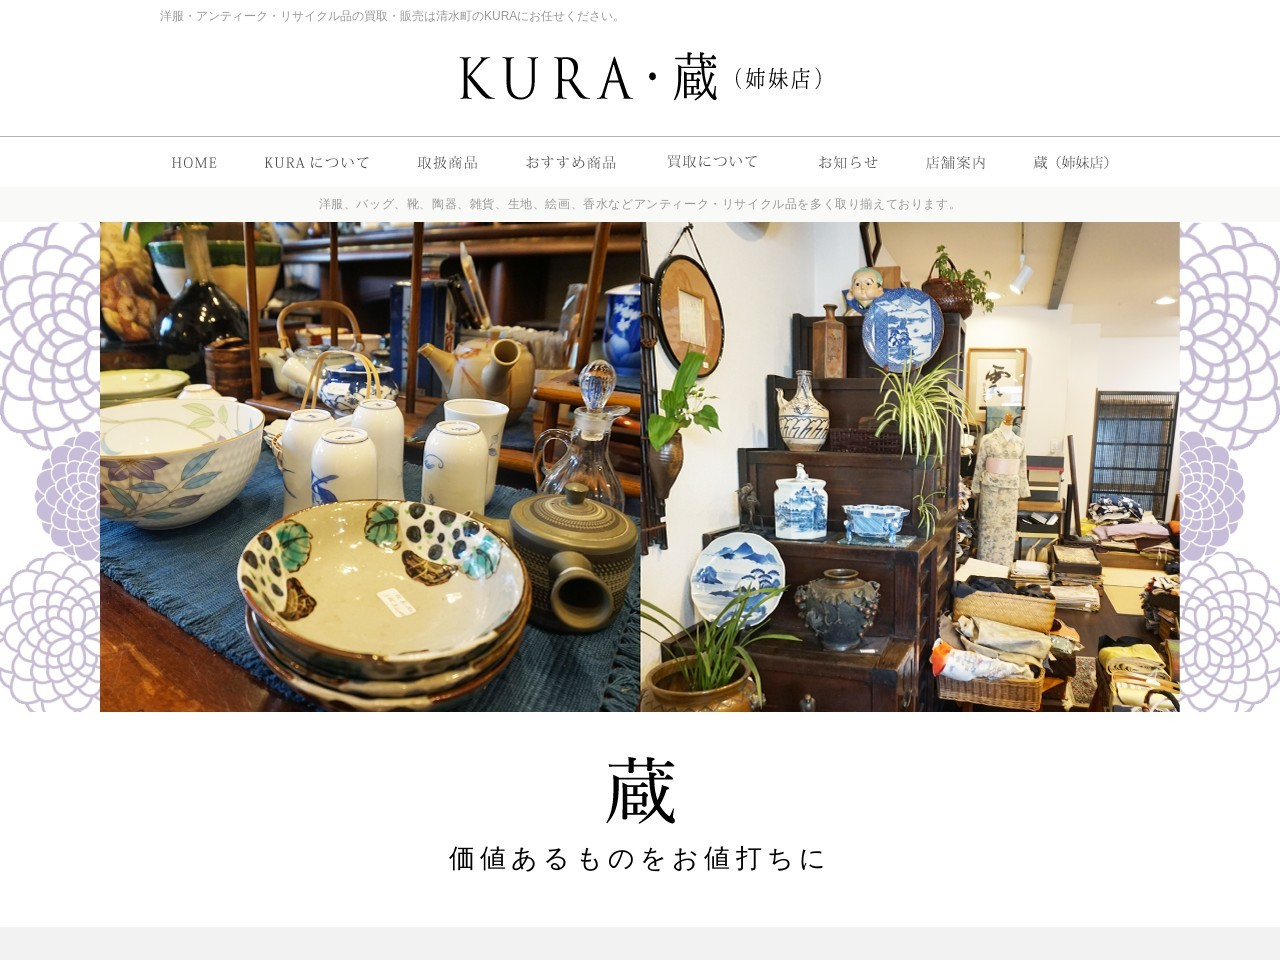 蔵|洋服・アンティーク|KURA|清水町